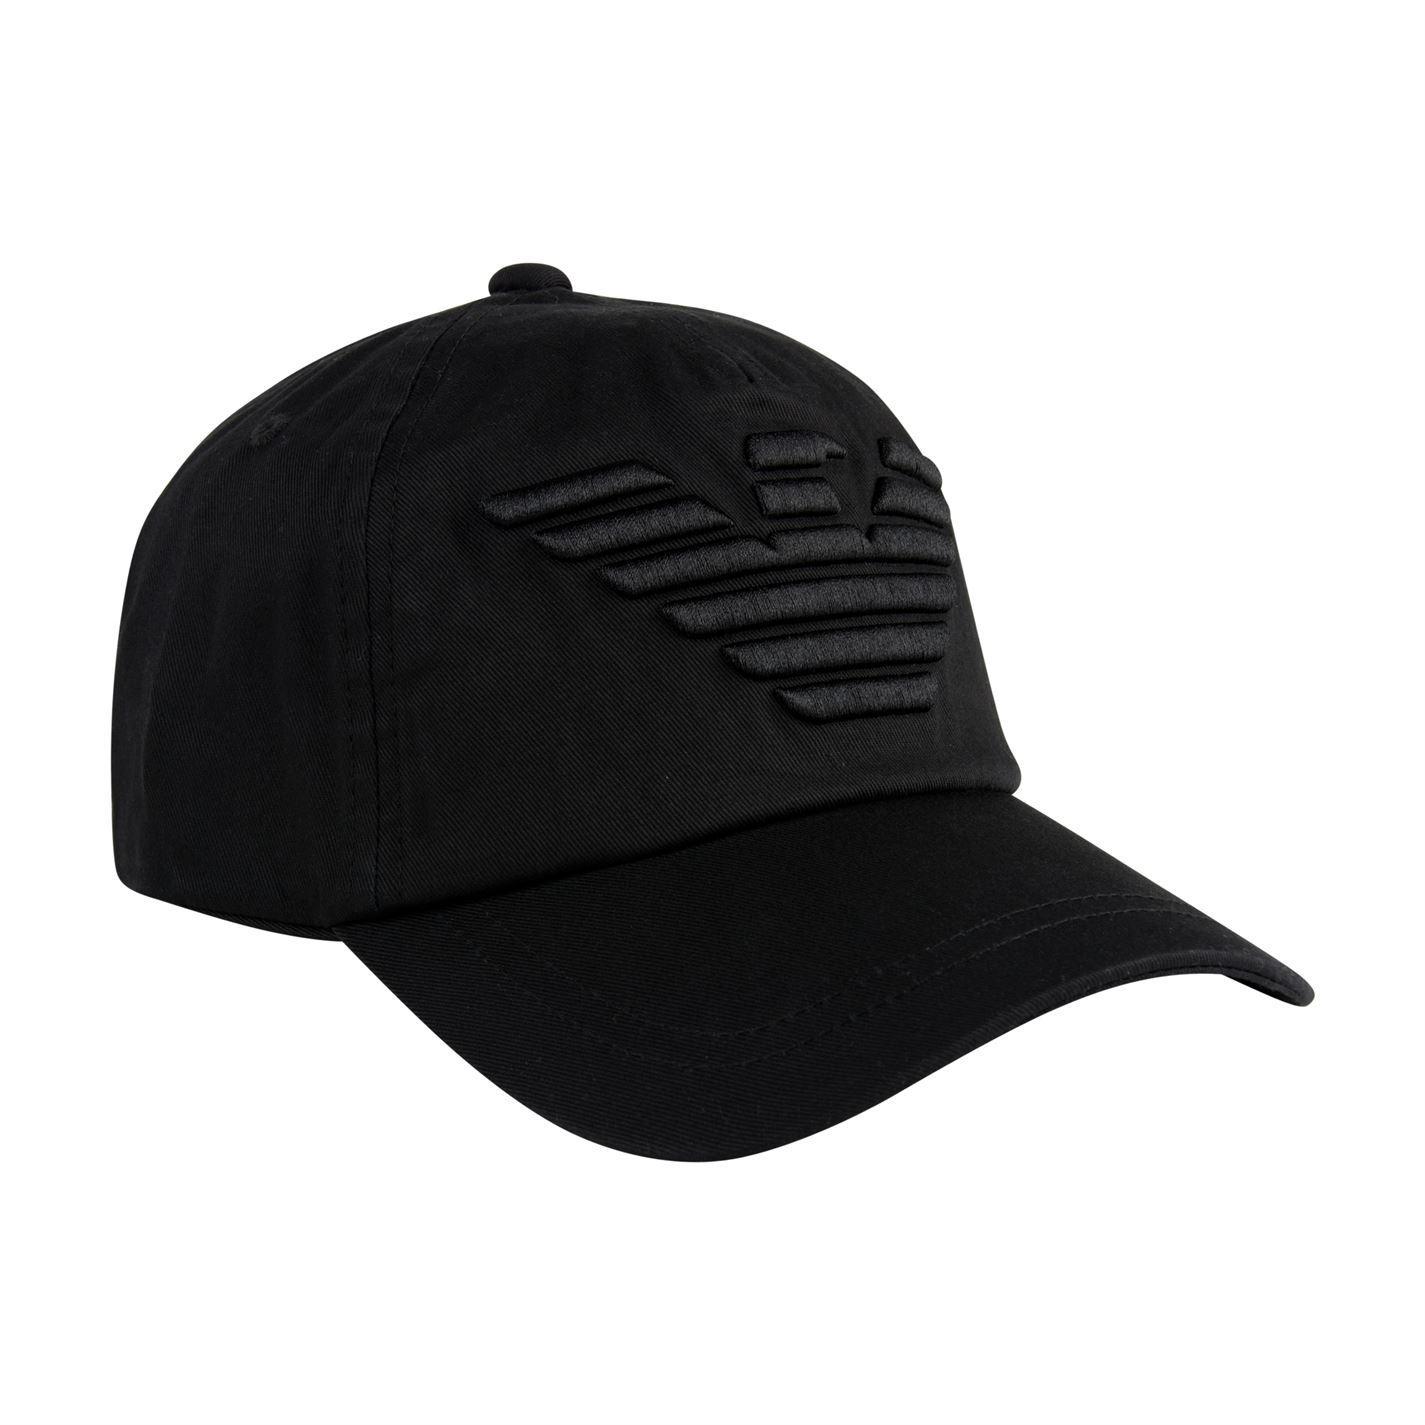 e4a4e56b9f9 Lyst - Emporio Armani Eagle Cap in Black for Men